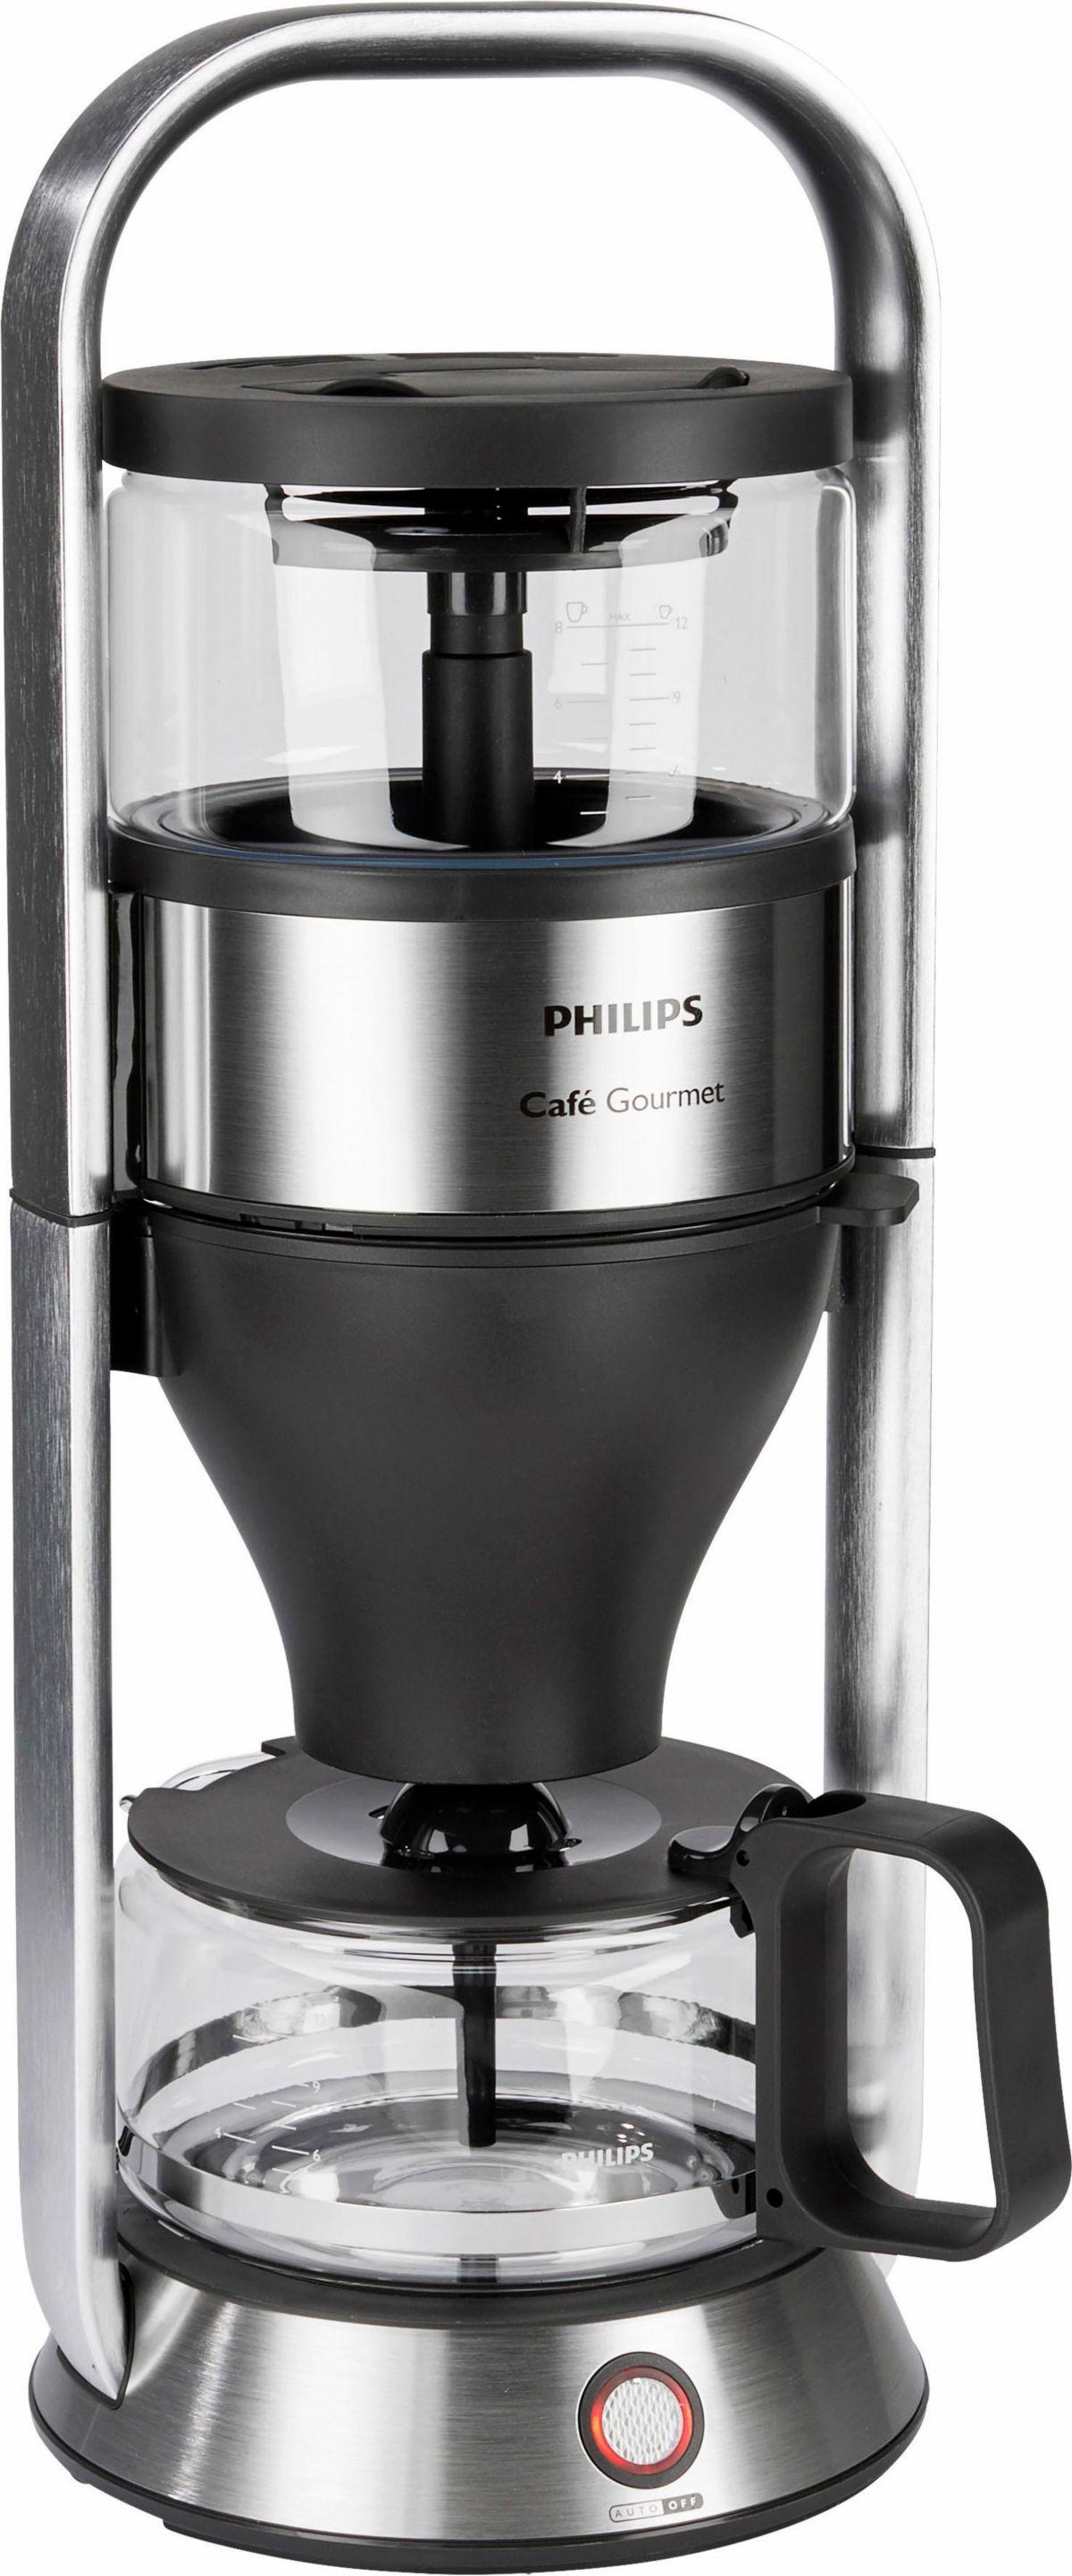 Philips Filterkaffeemaschine HD5413/00 Café Gourmet, 1l Kaffeekanne, Filter 1x4